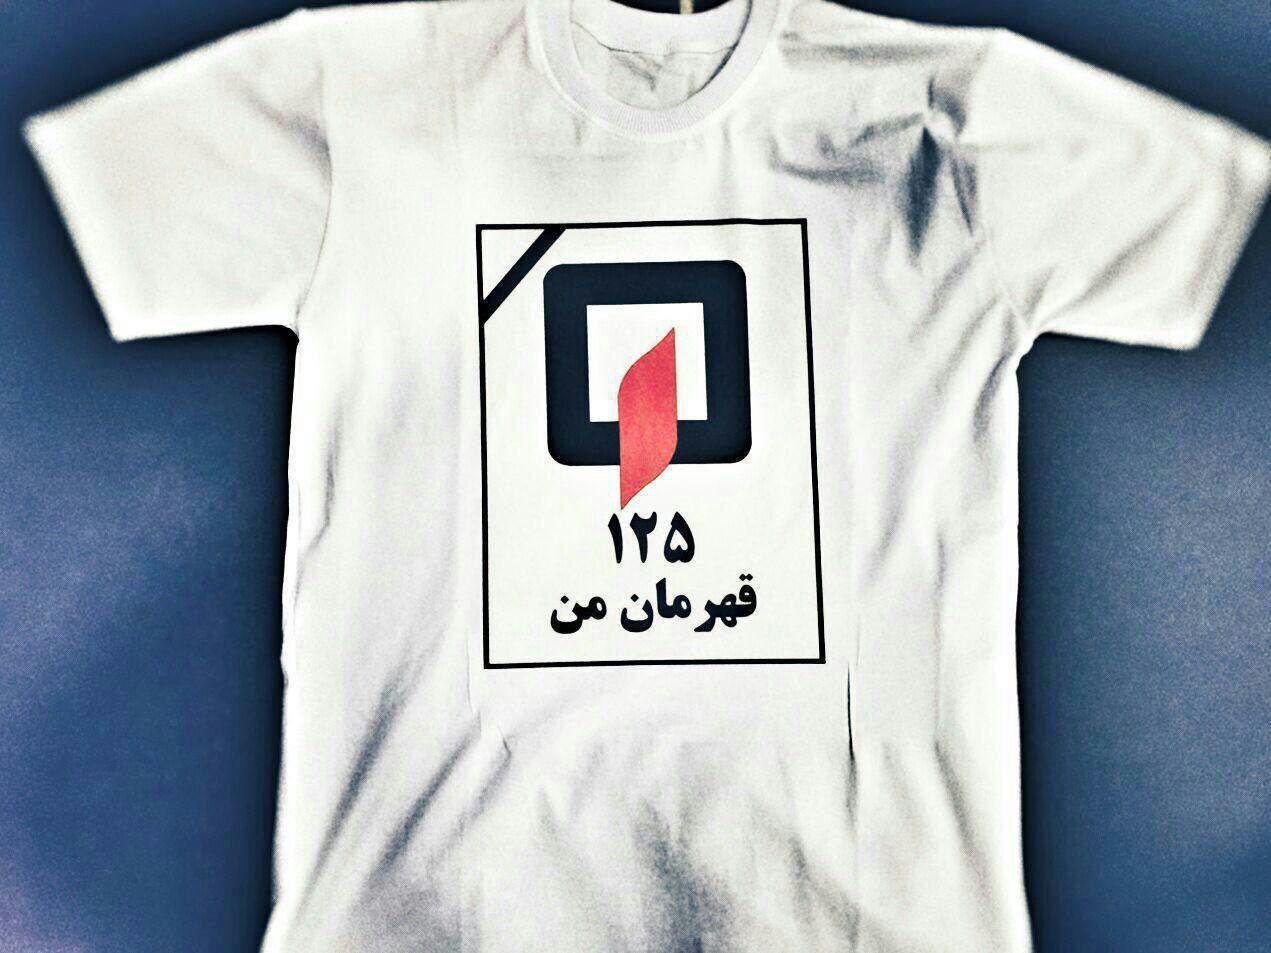 لباس ملوان برای ادای احترام به آتشنشانان عزیز+عکس